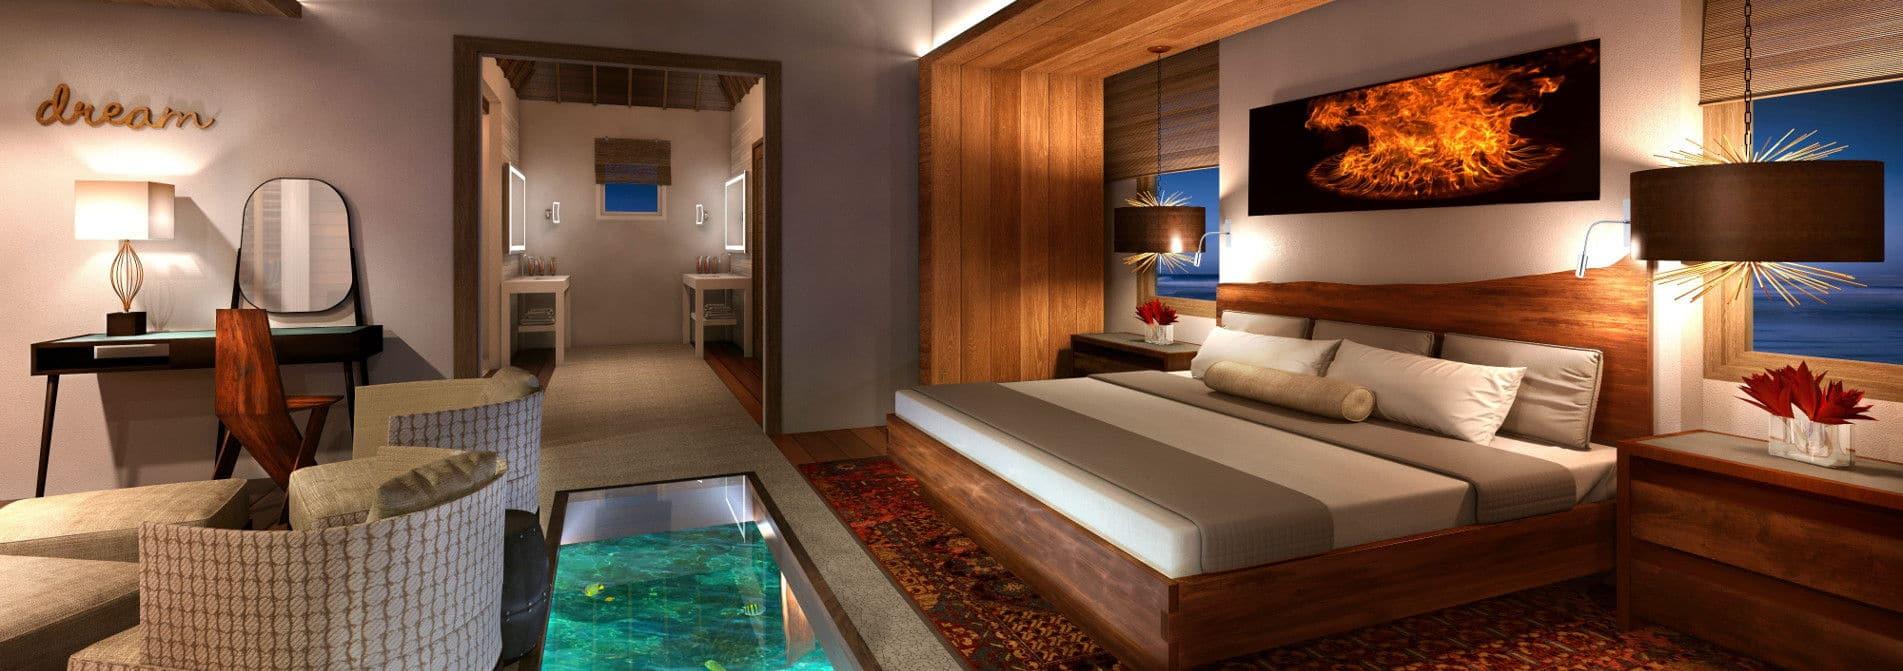 A votre avis, est-ce le meilleur hôtel de charme ?